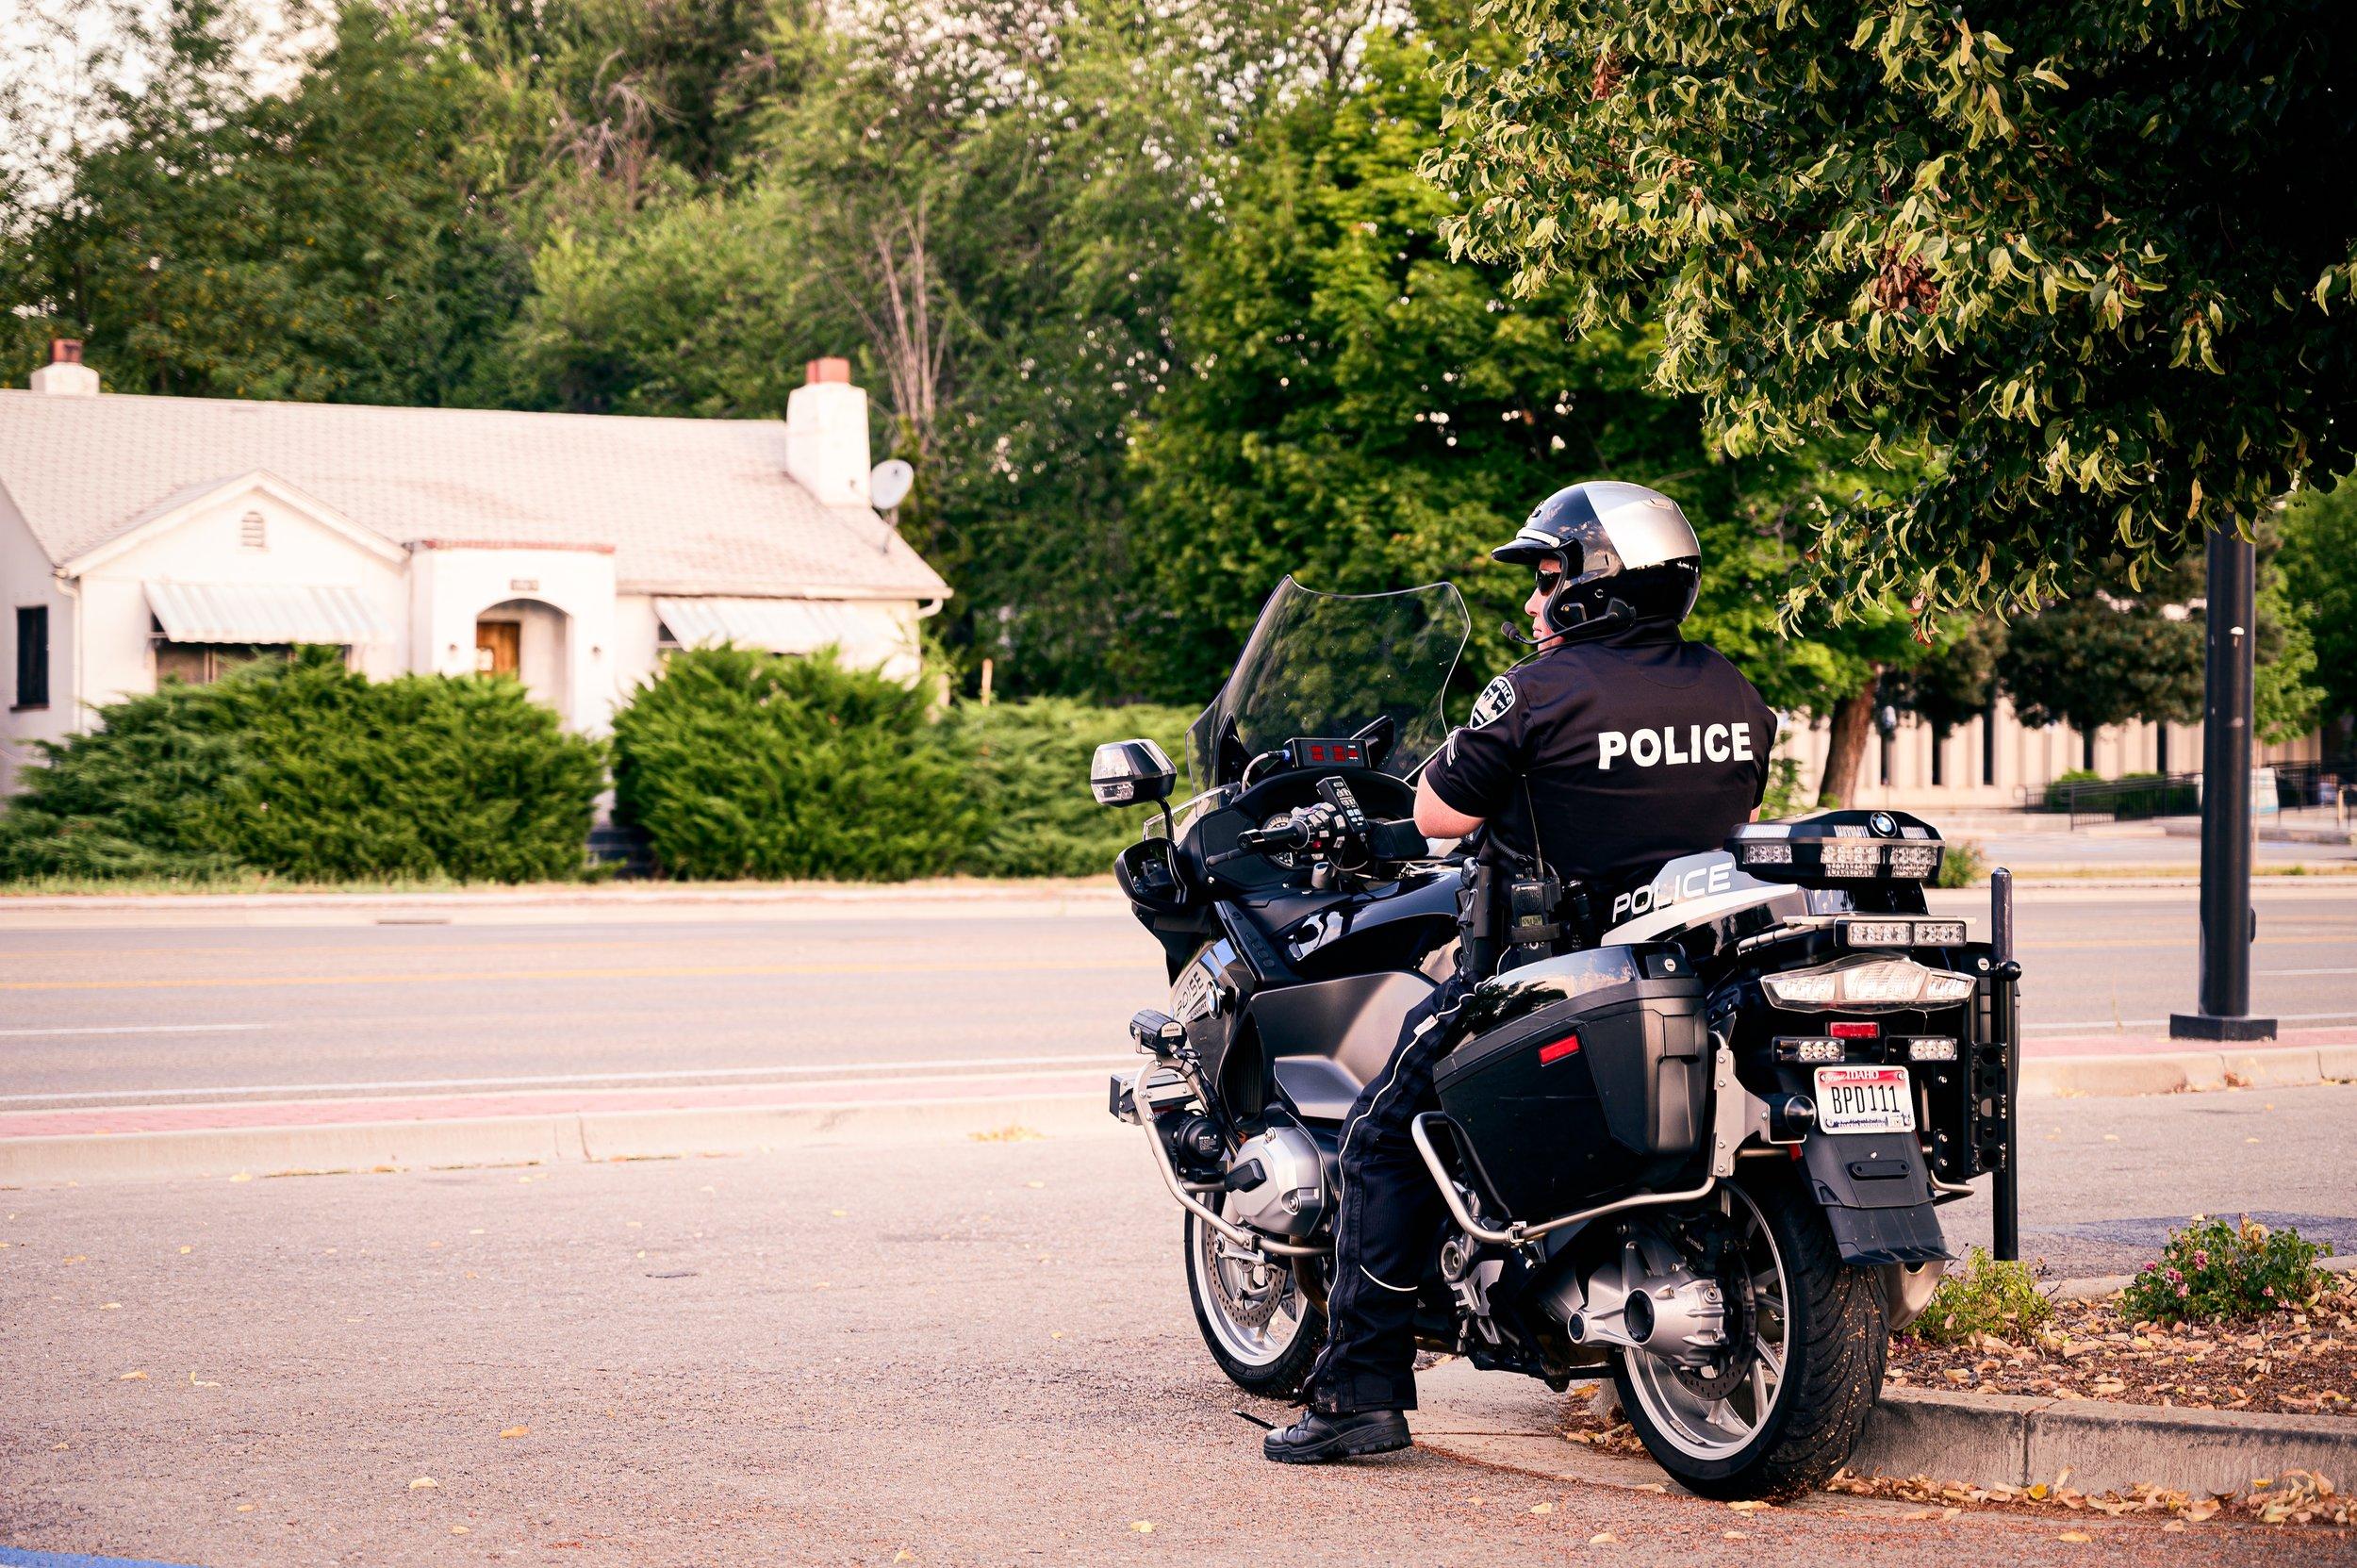 biker-curb-leaves-2902372.jpg